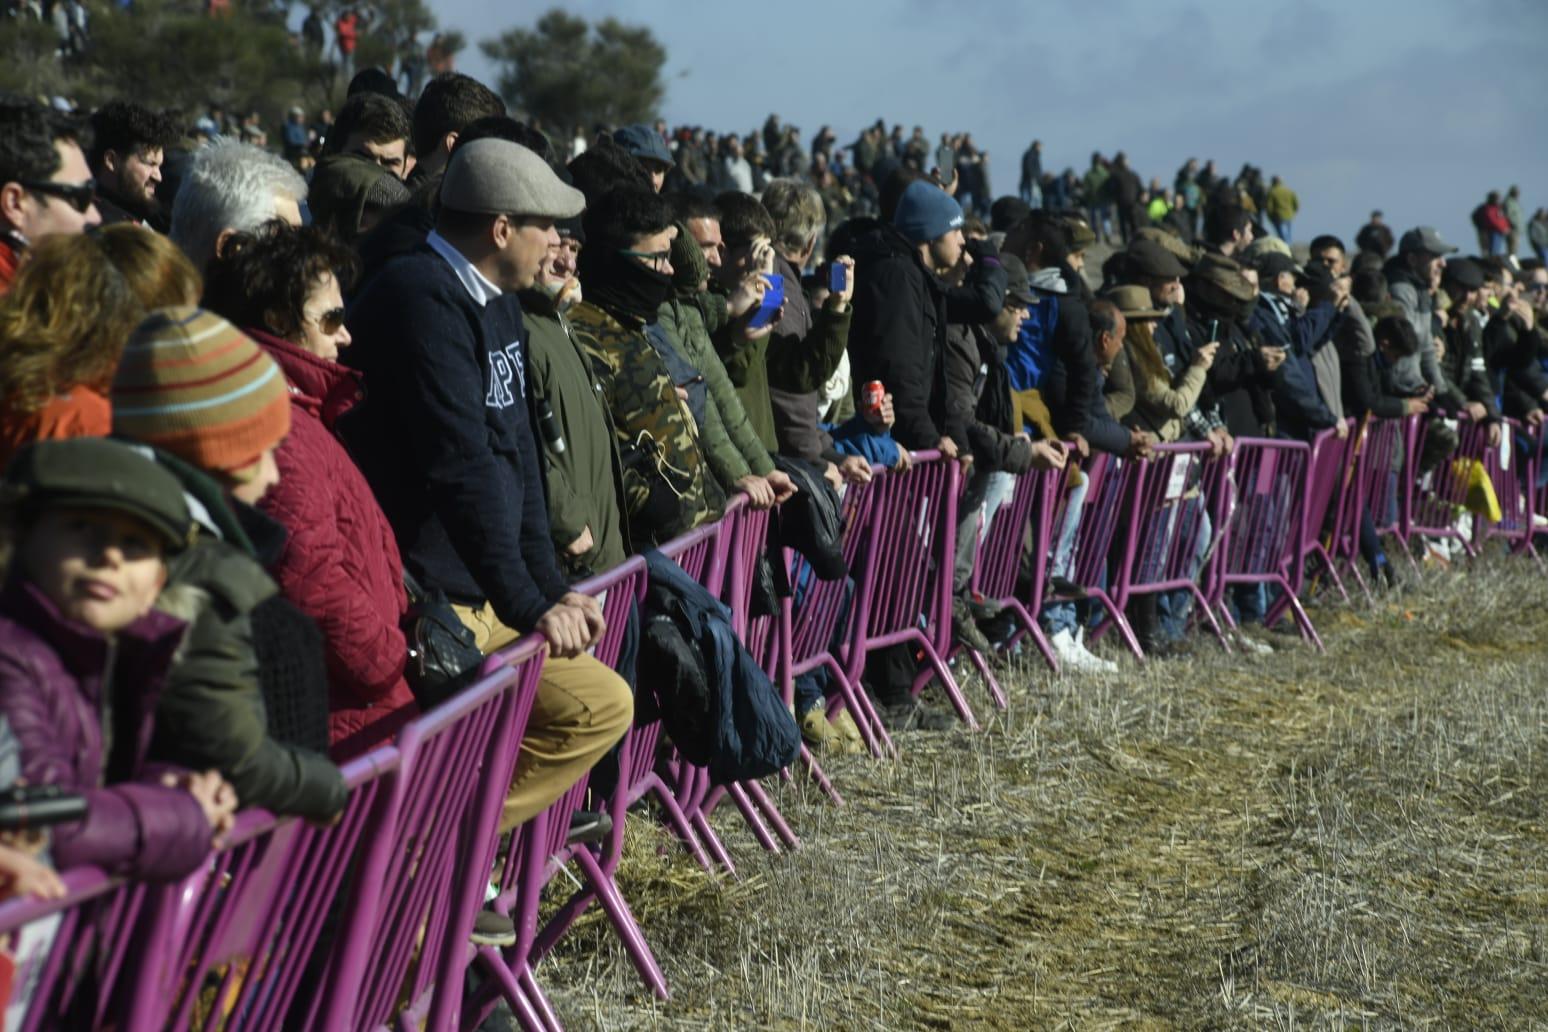 Mas De 25 000 Personas Abarrotan A Media Manana El Nacional